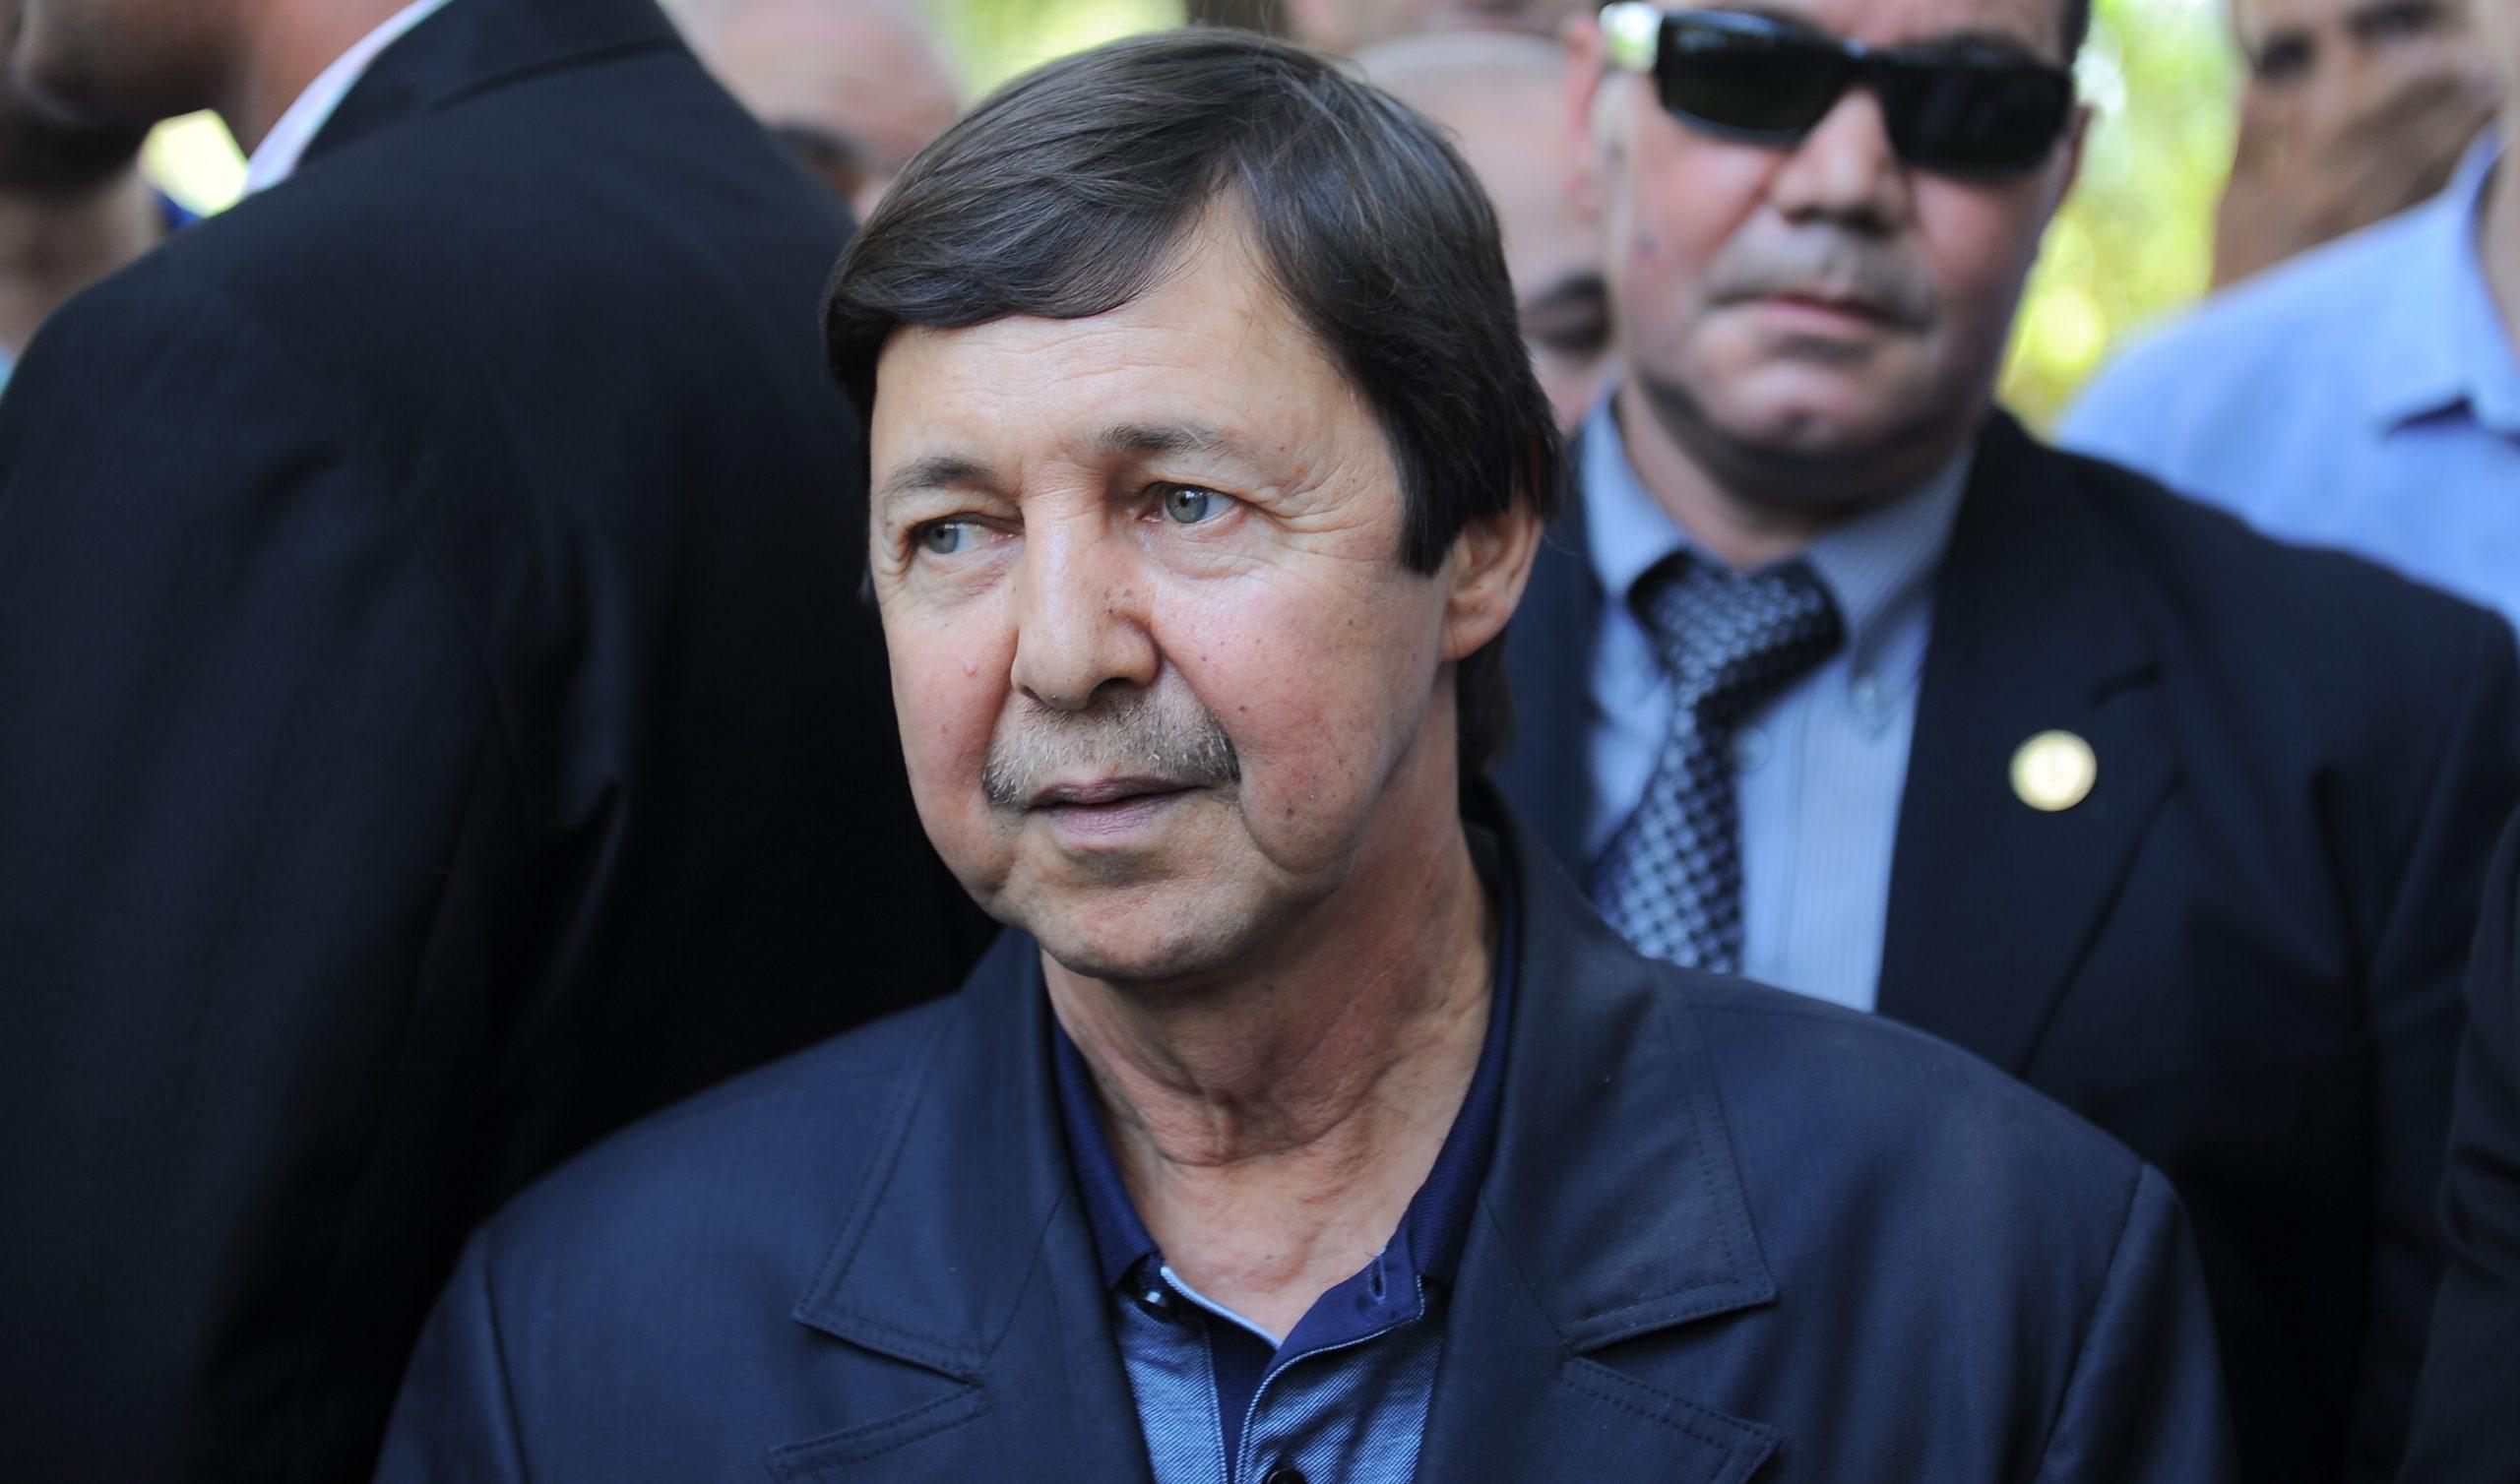 النيابة العامة لدى مجلس قضاء الجزائر تكذّب ادعاءات دفاع السعيد بوتفليقة